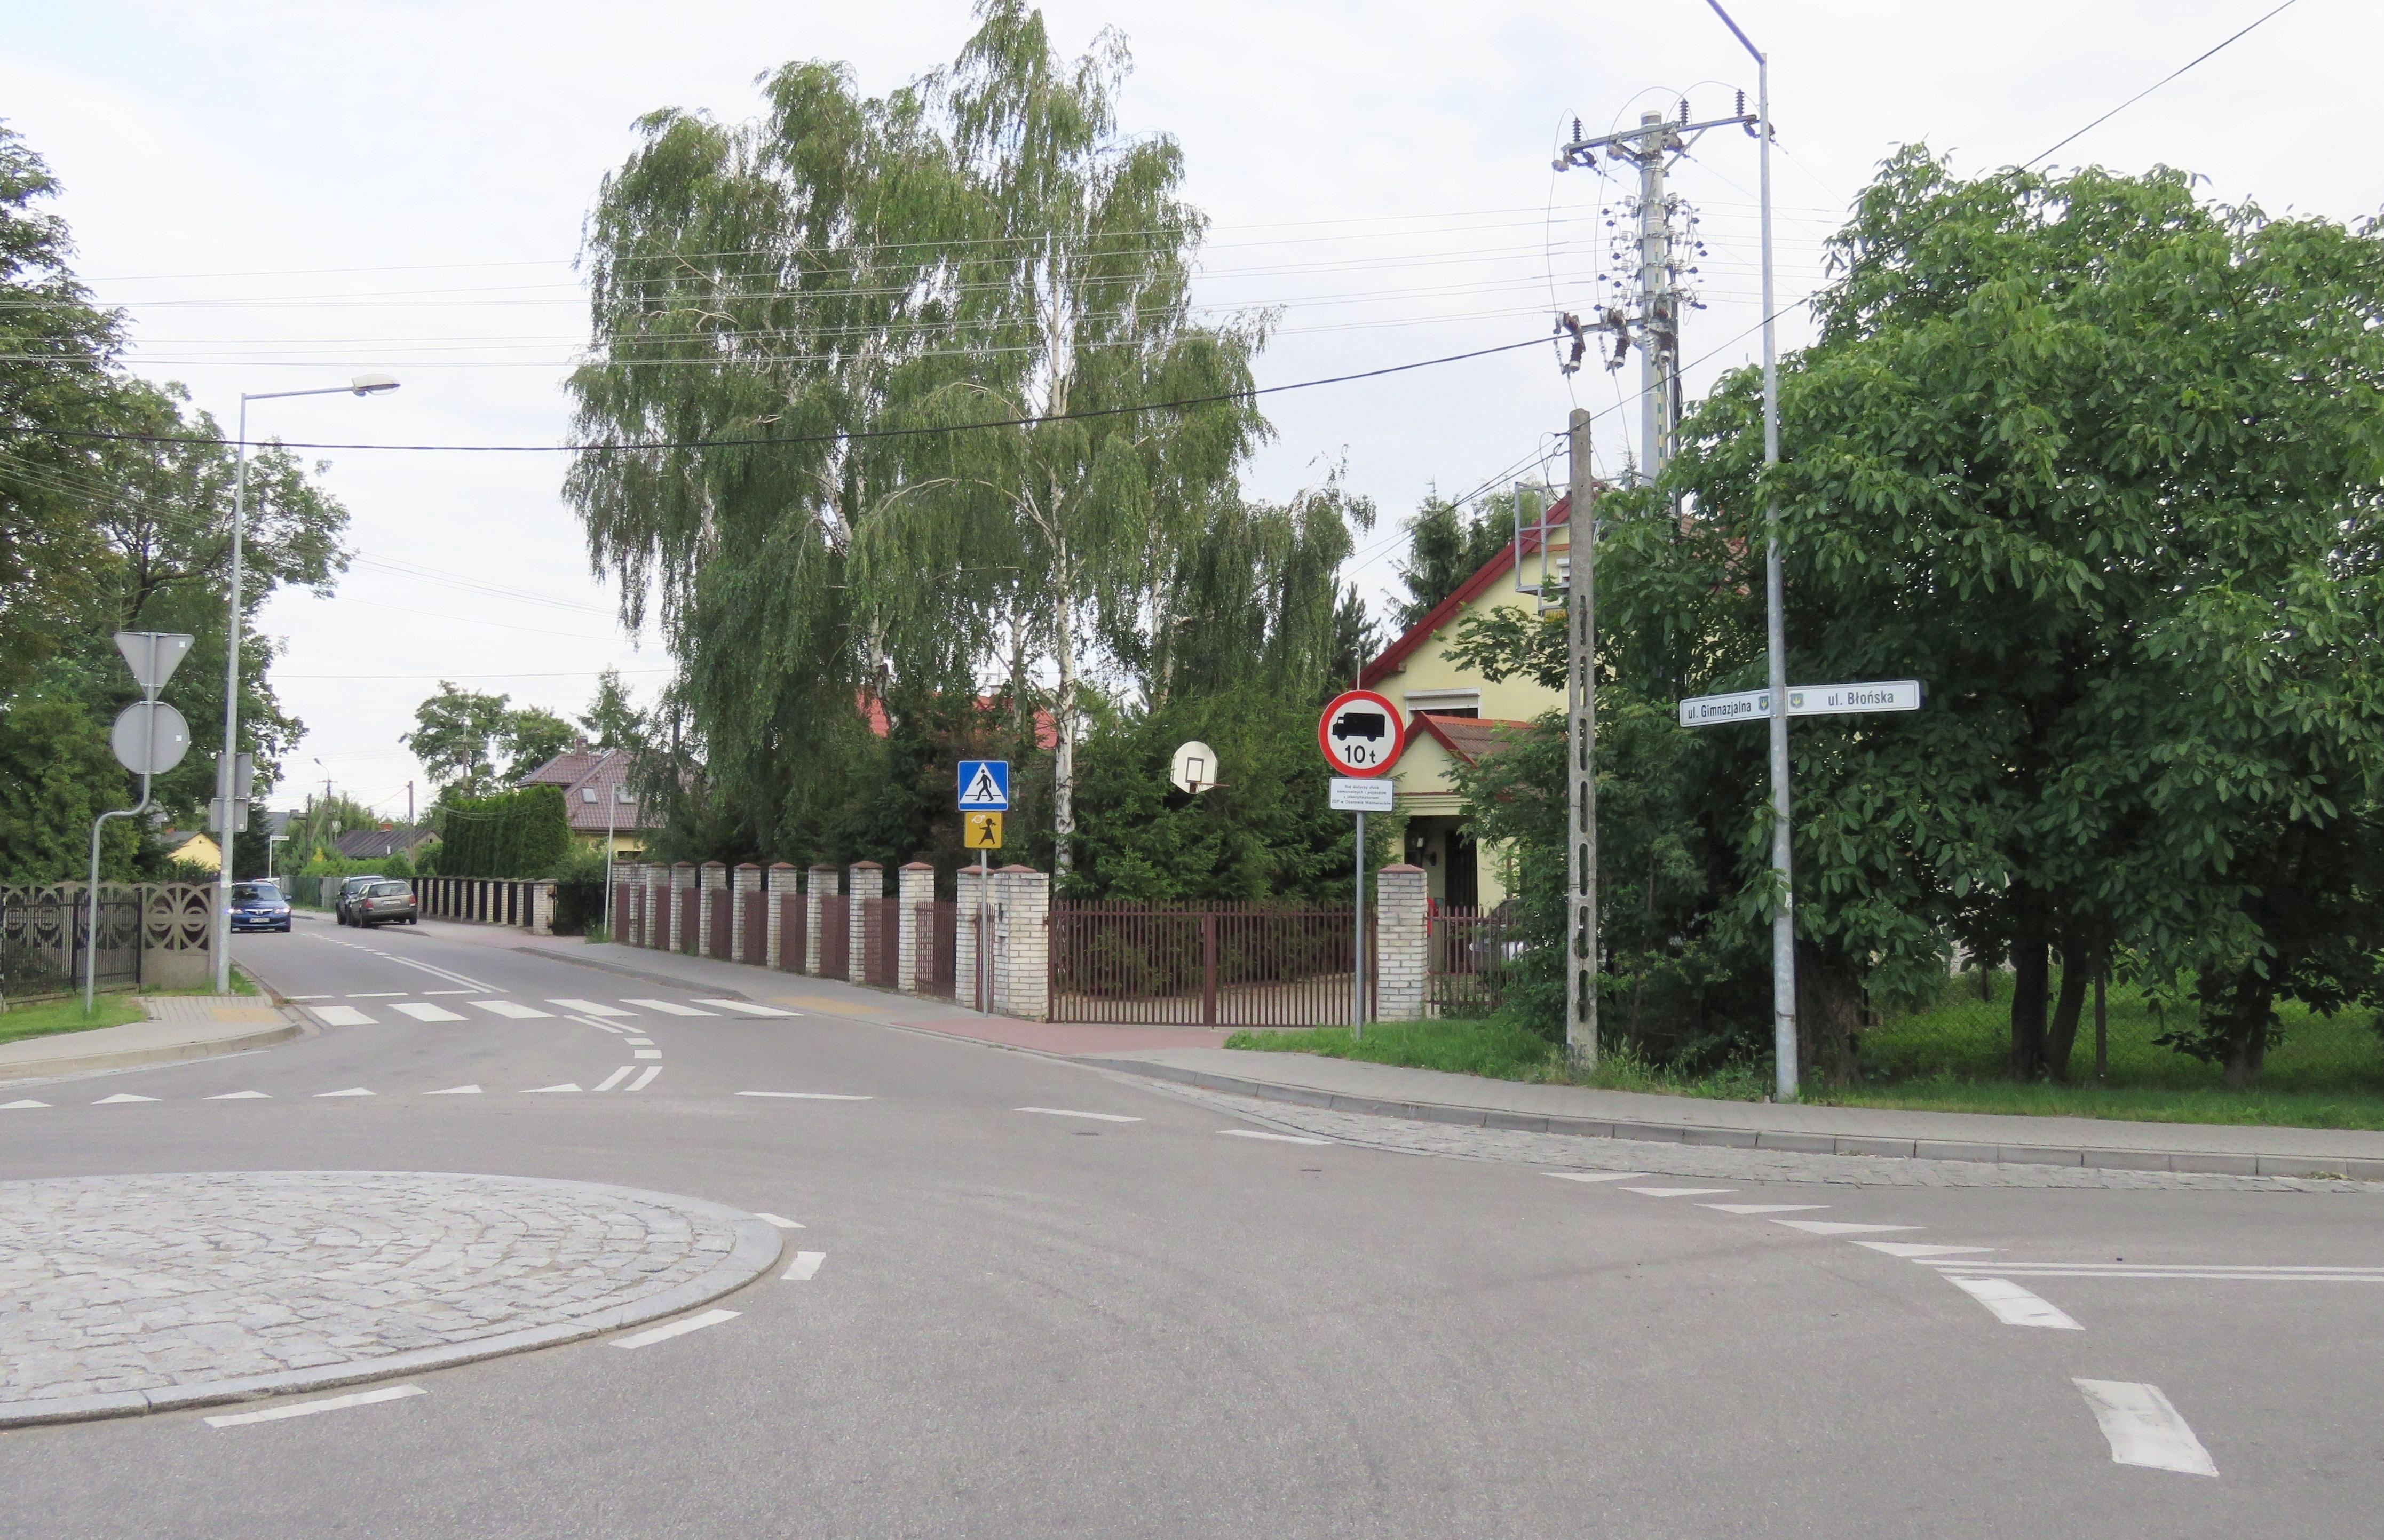 Bieniewice City